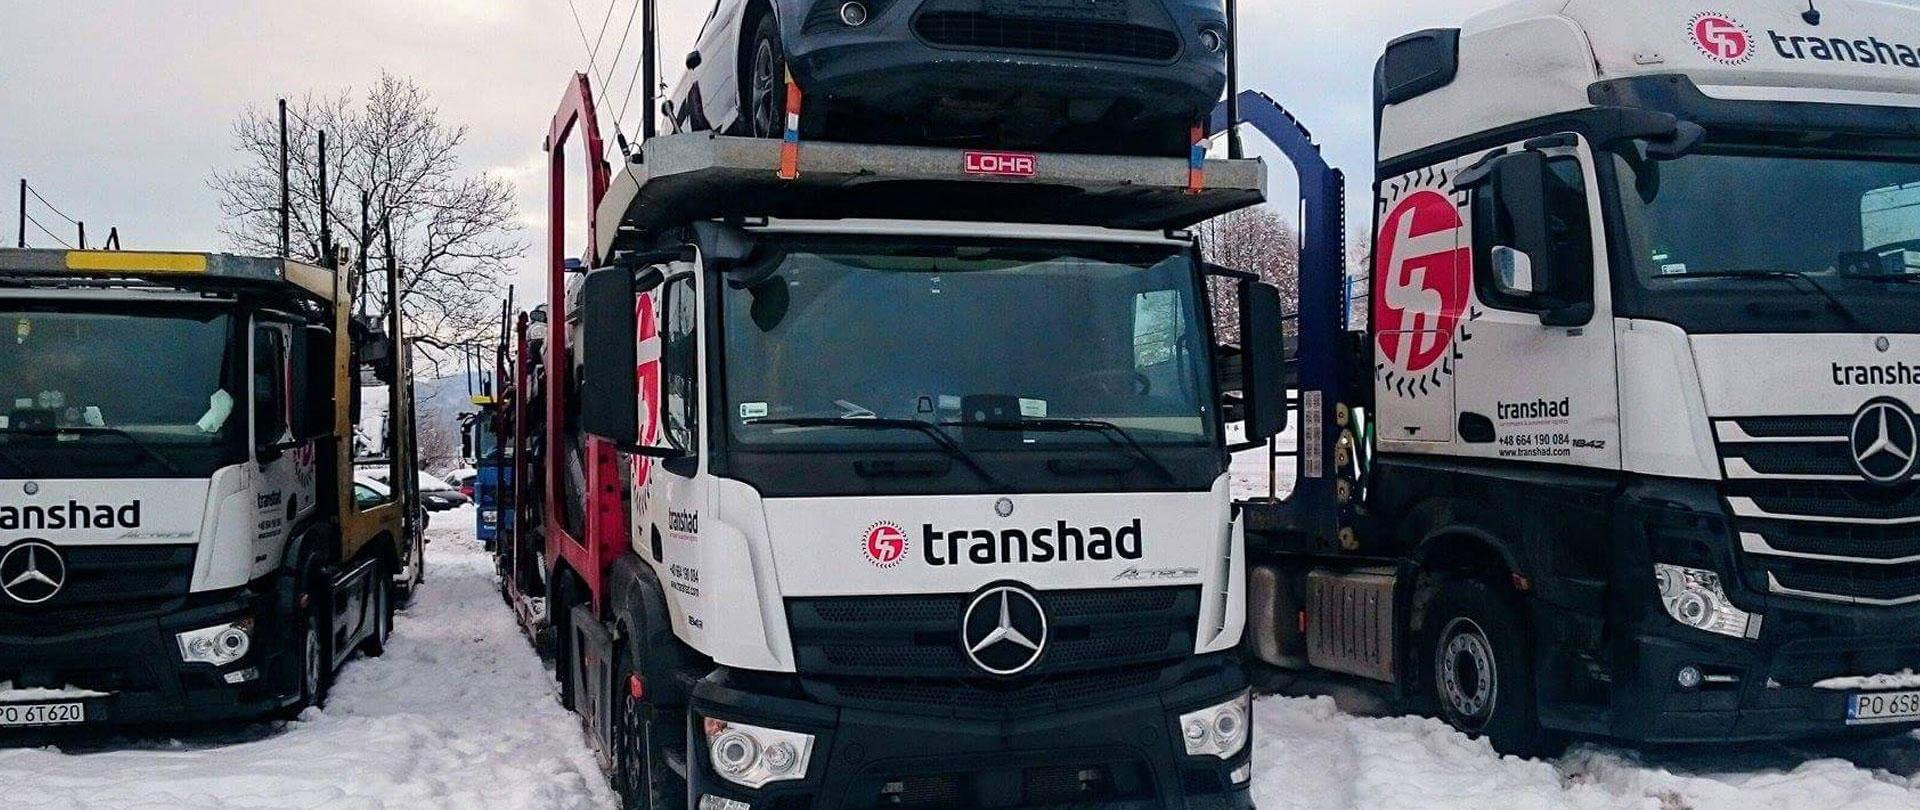 transhad-header-8